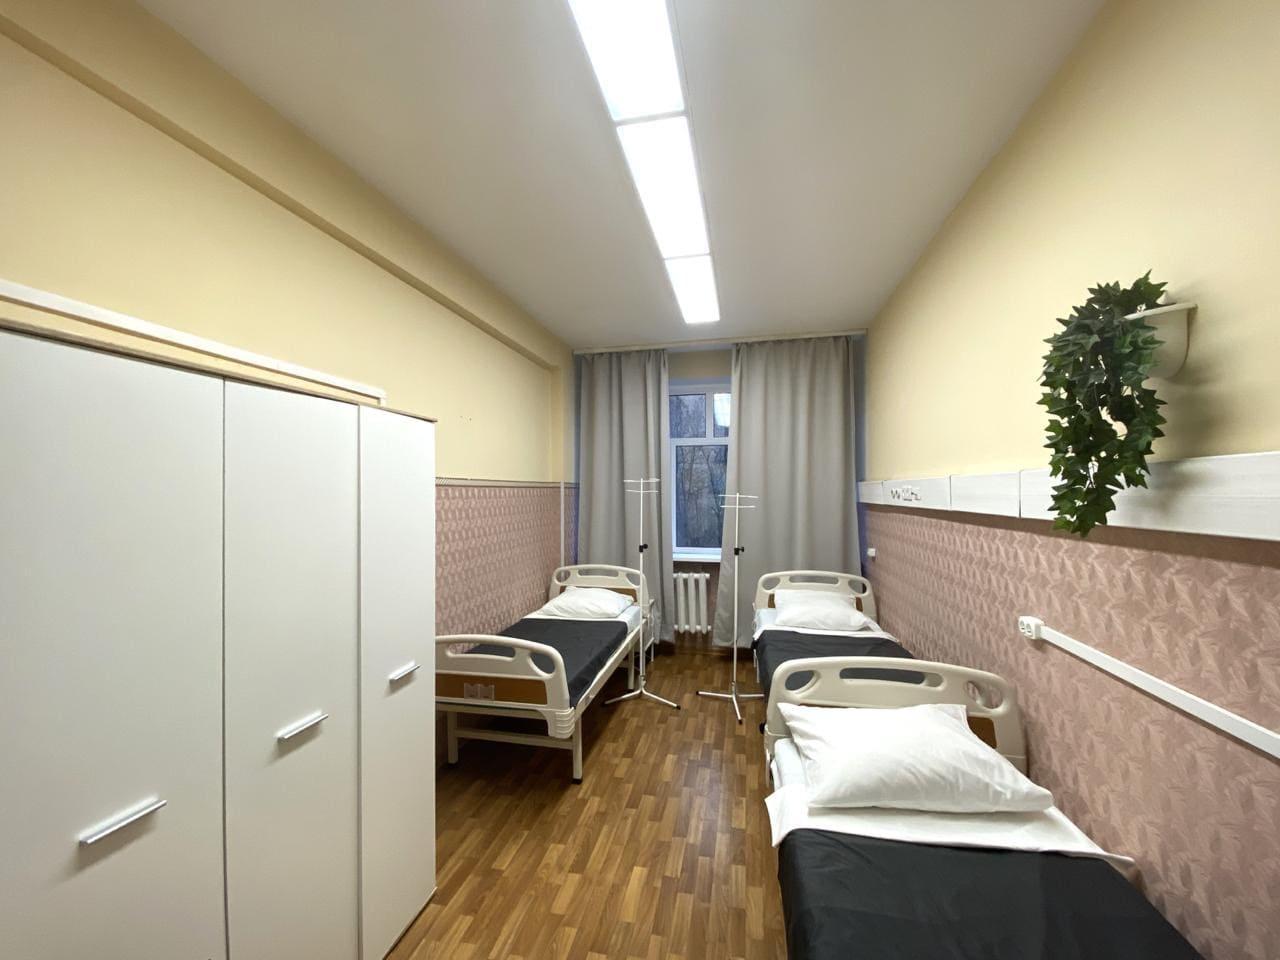 Лучшие наркологические клиники москвы стационар клиника решение утро с похмелья картинки прикольные